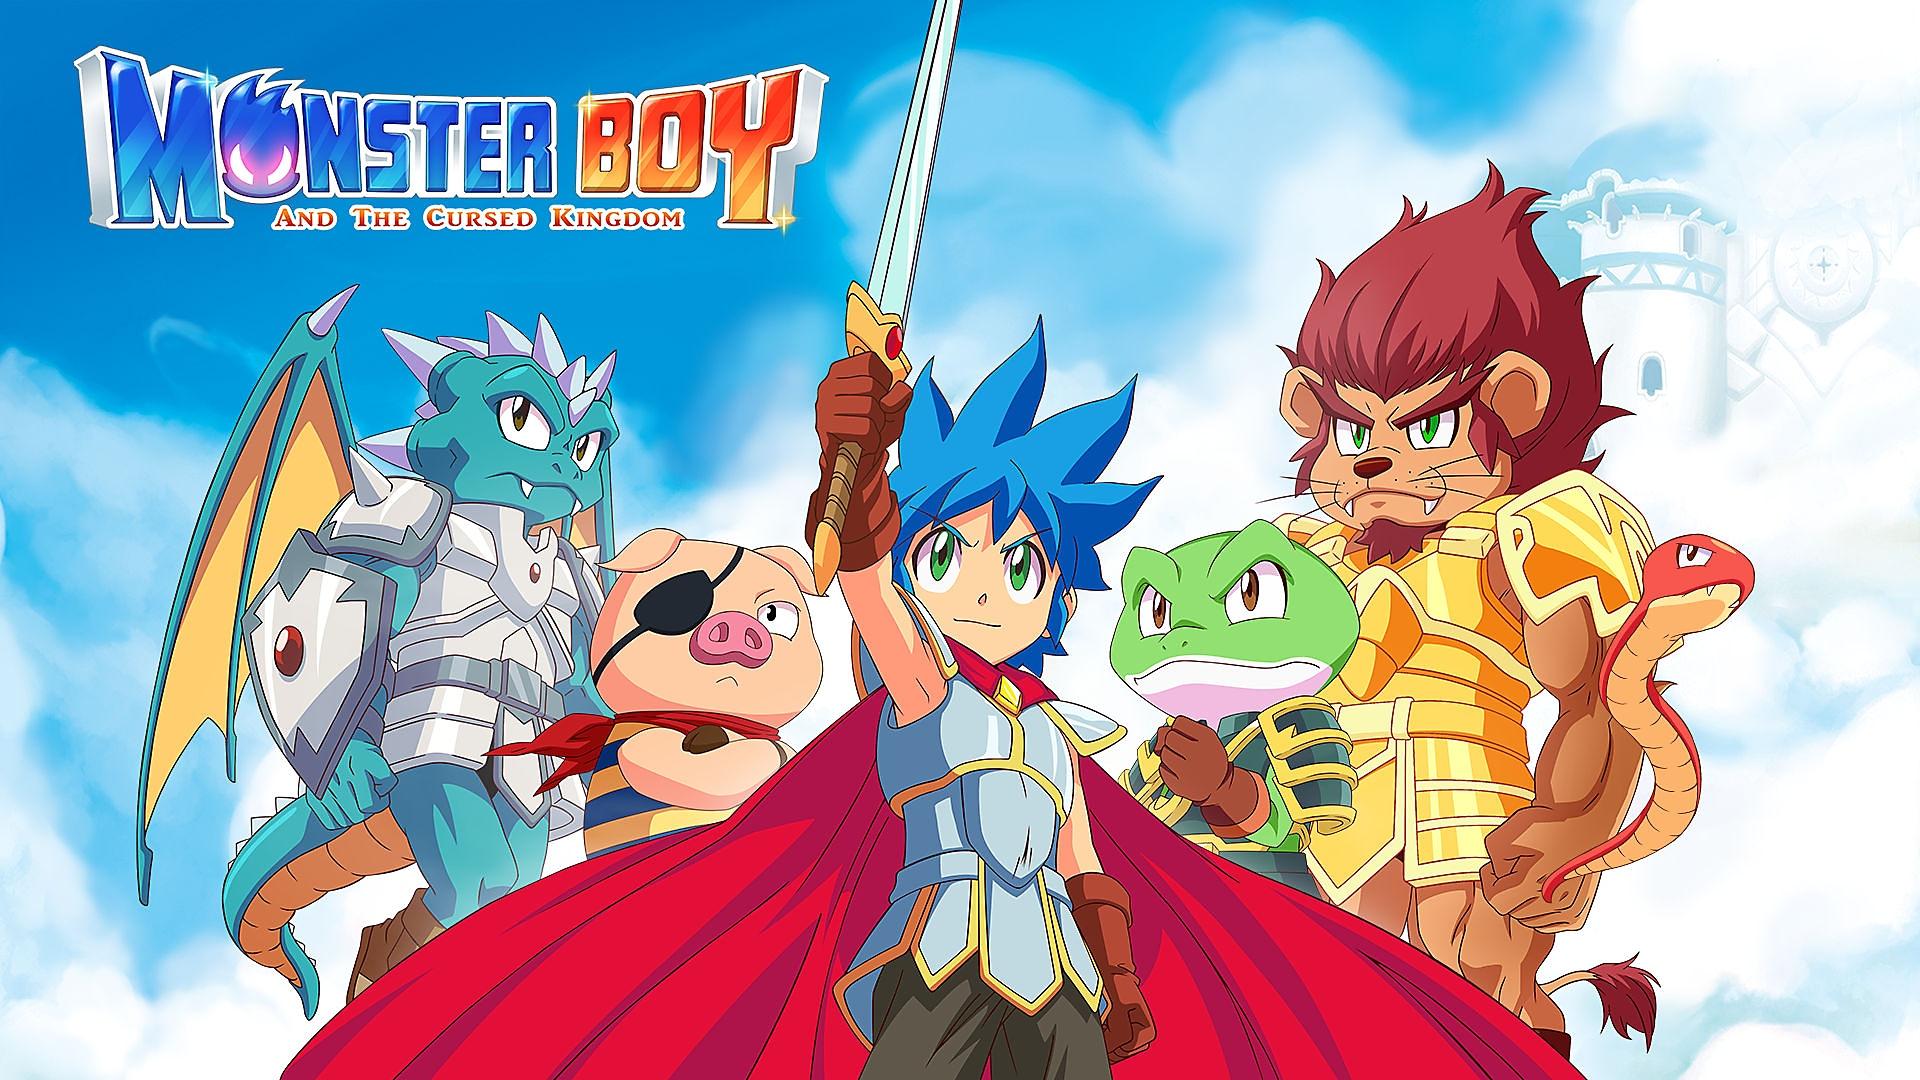 Monster Boy and the Cursed Kingdom - العرض التشويقي لتجربة اللعبة